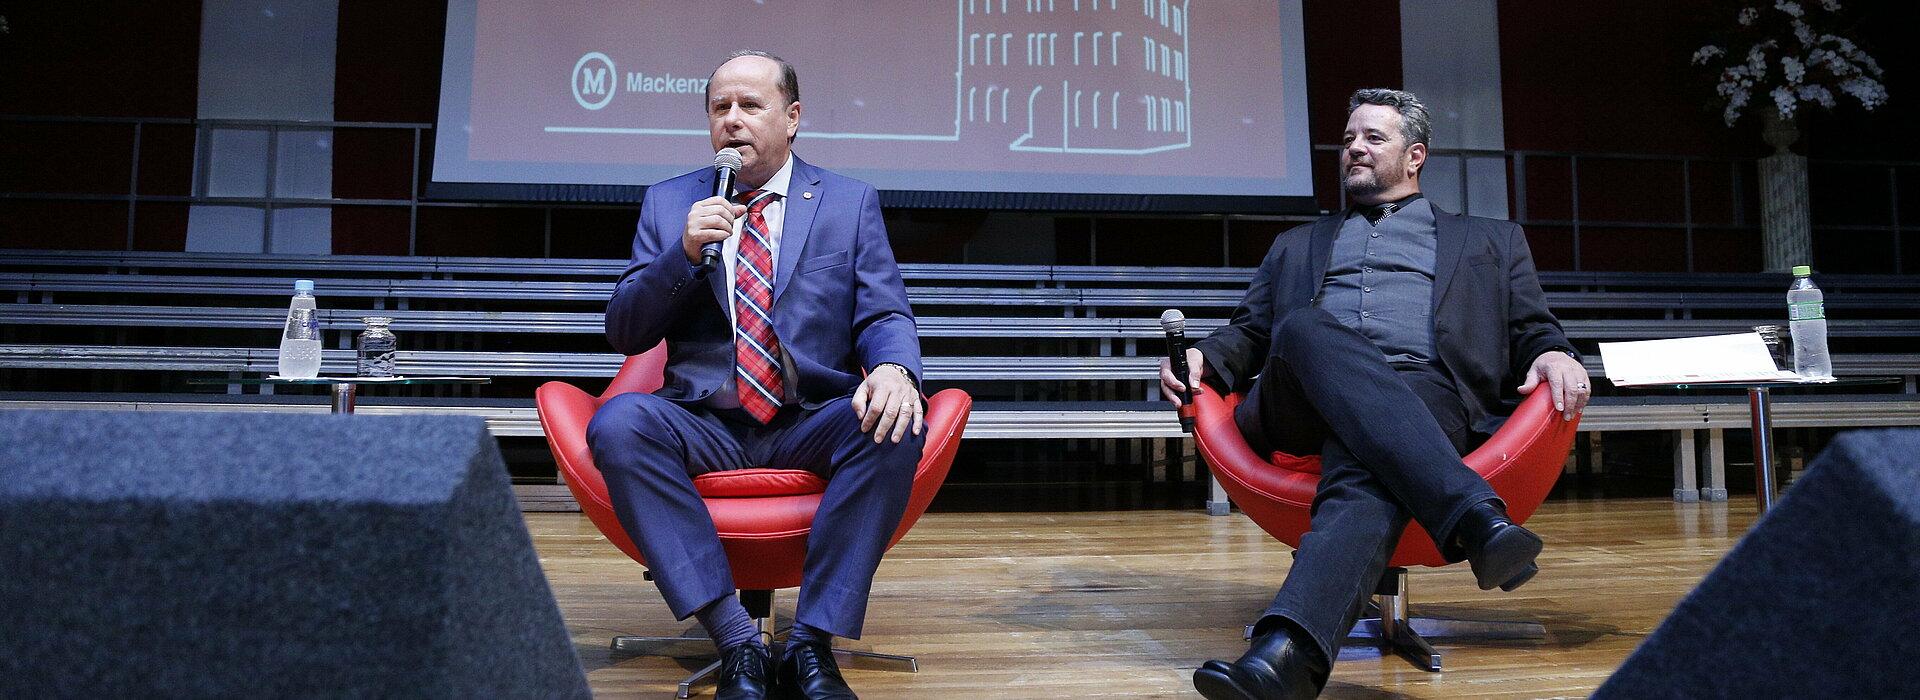 Reitor Benedito Guimarães Aguiar Neto à esquerda e chanceler Davi Charles Gomes à direita.